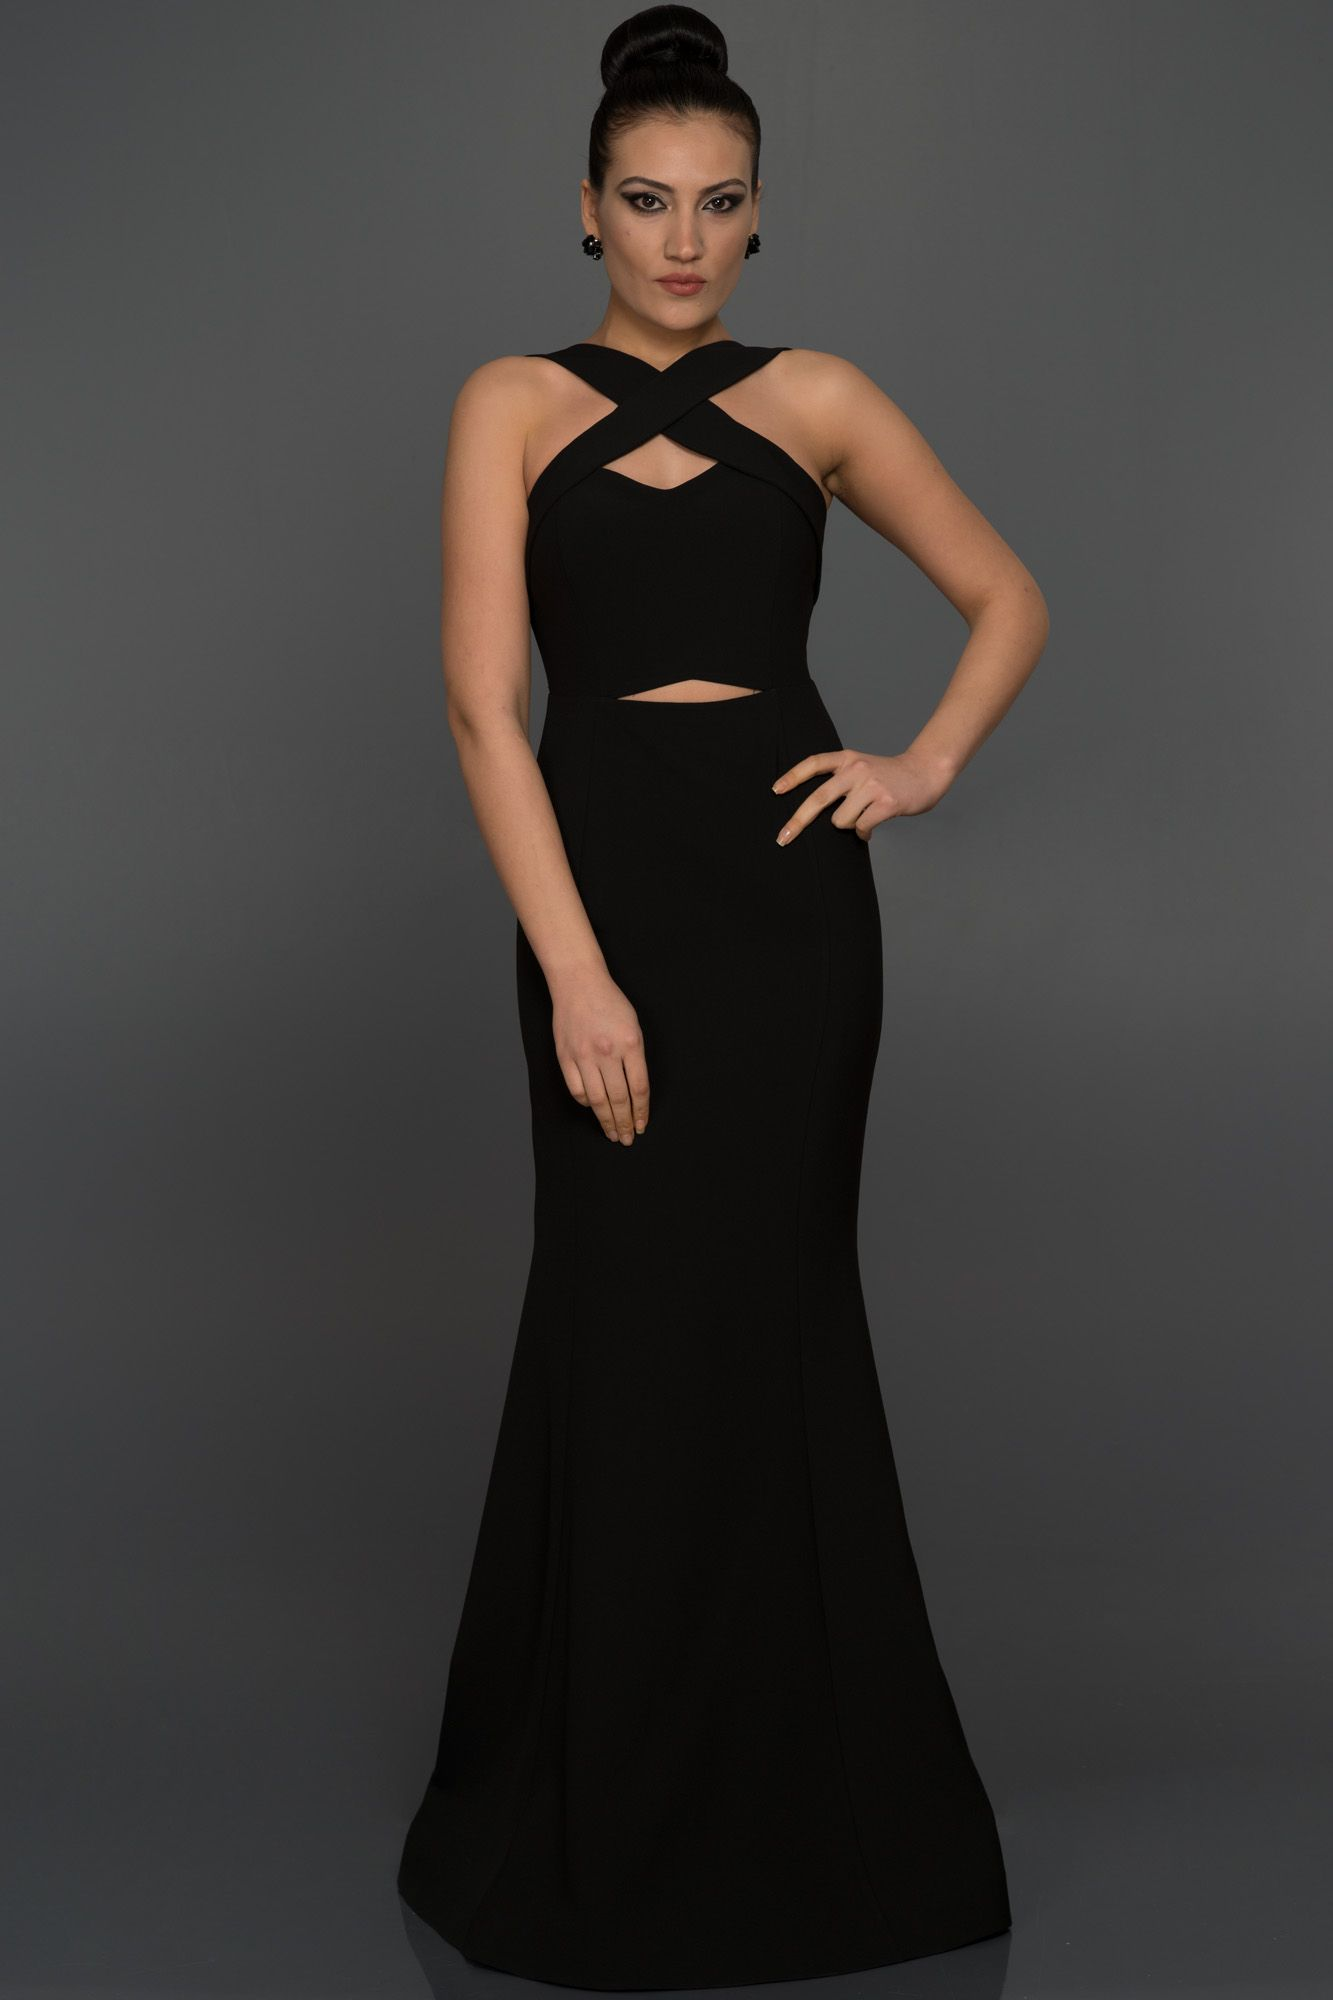 79c14432457a1 Uzun Balık Abiye Elbise WC6007 | TAM BENLİK in 2019 | Elbise ...